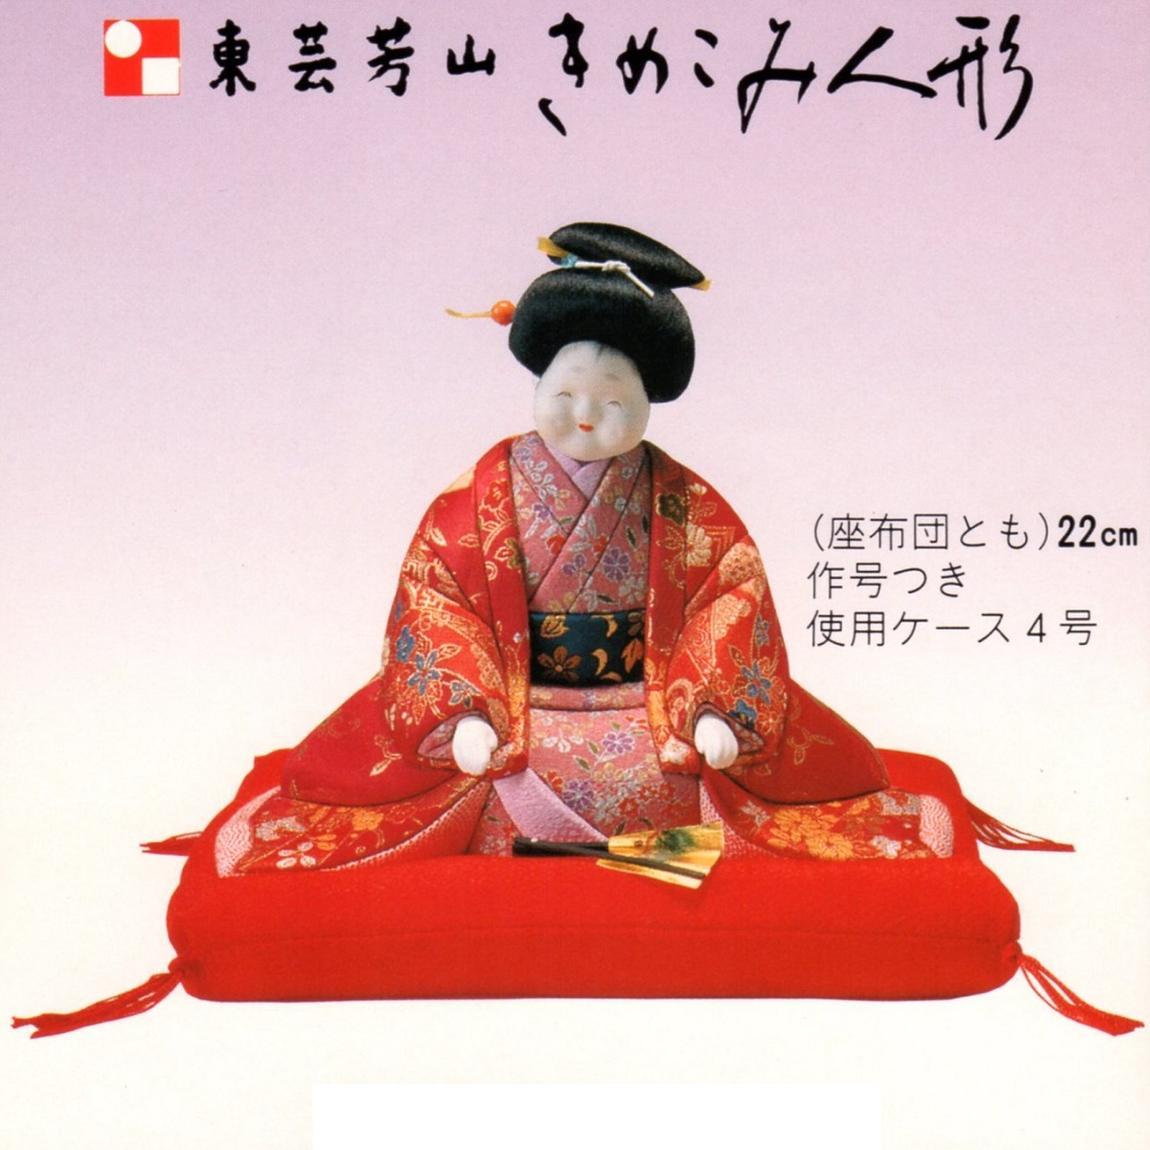 東芸 木目込人形キット「お多福さん」 K285-04